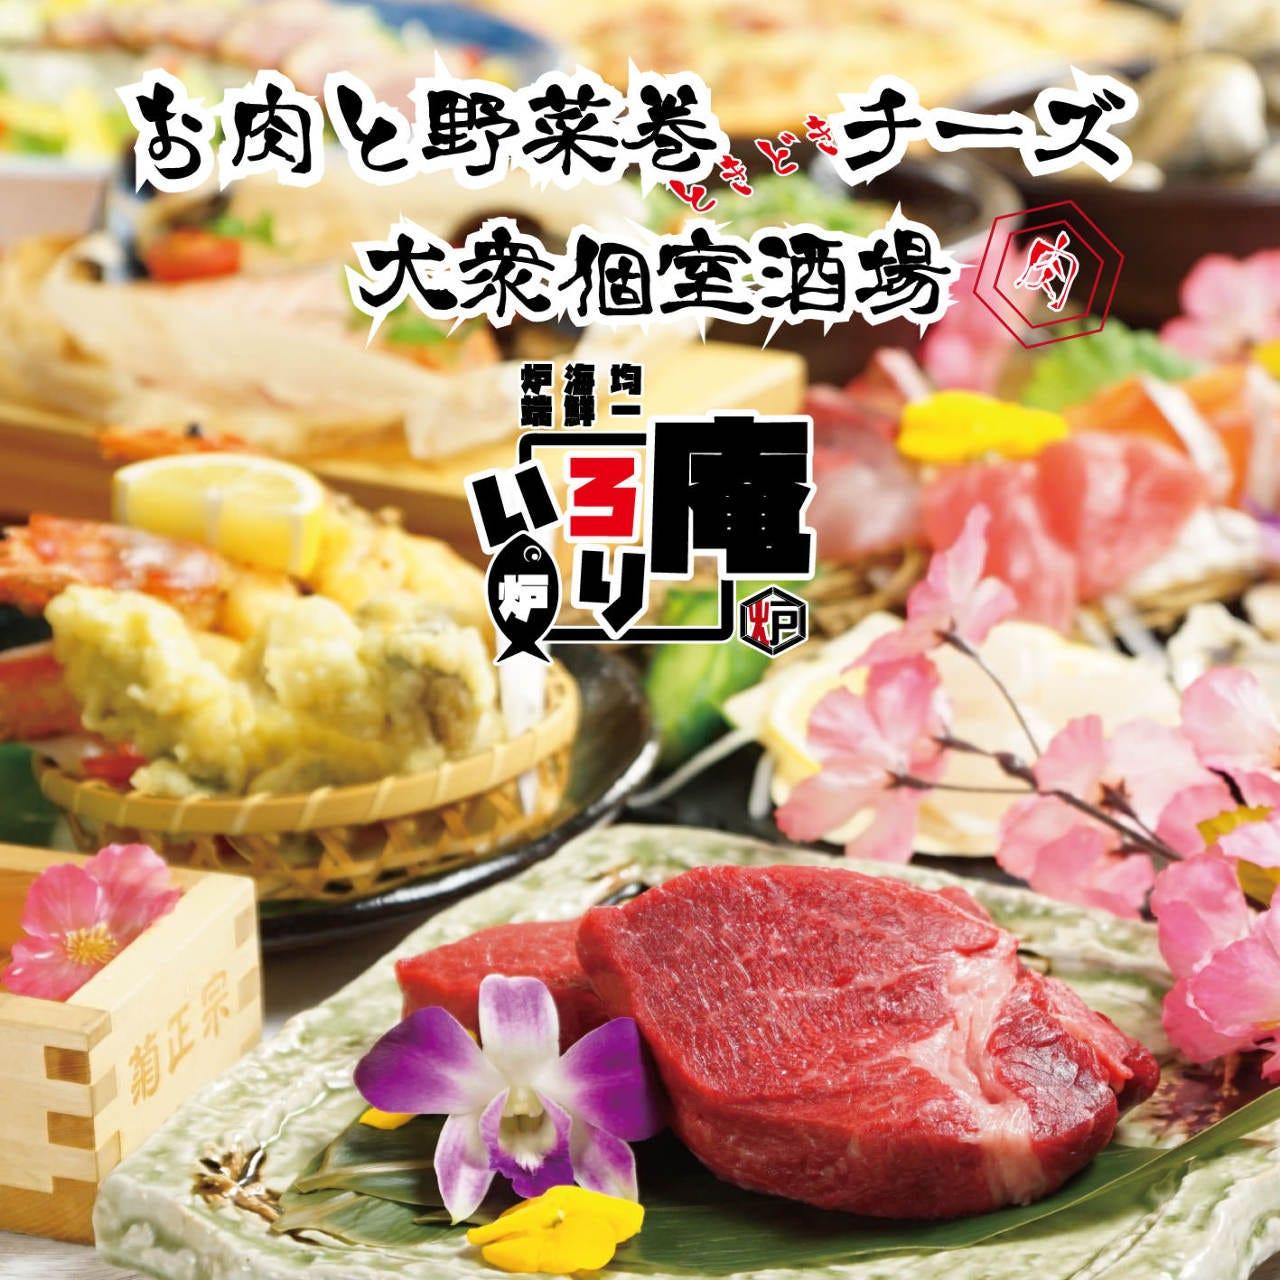 個室居酒屋×野菜巻き×食べ放題 いろり庵〜はなれ〜天神大名店